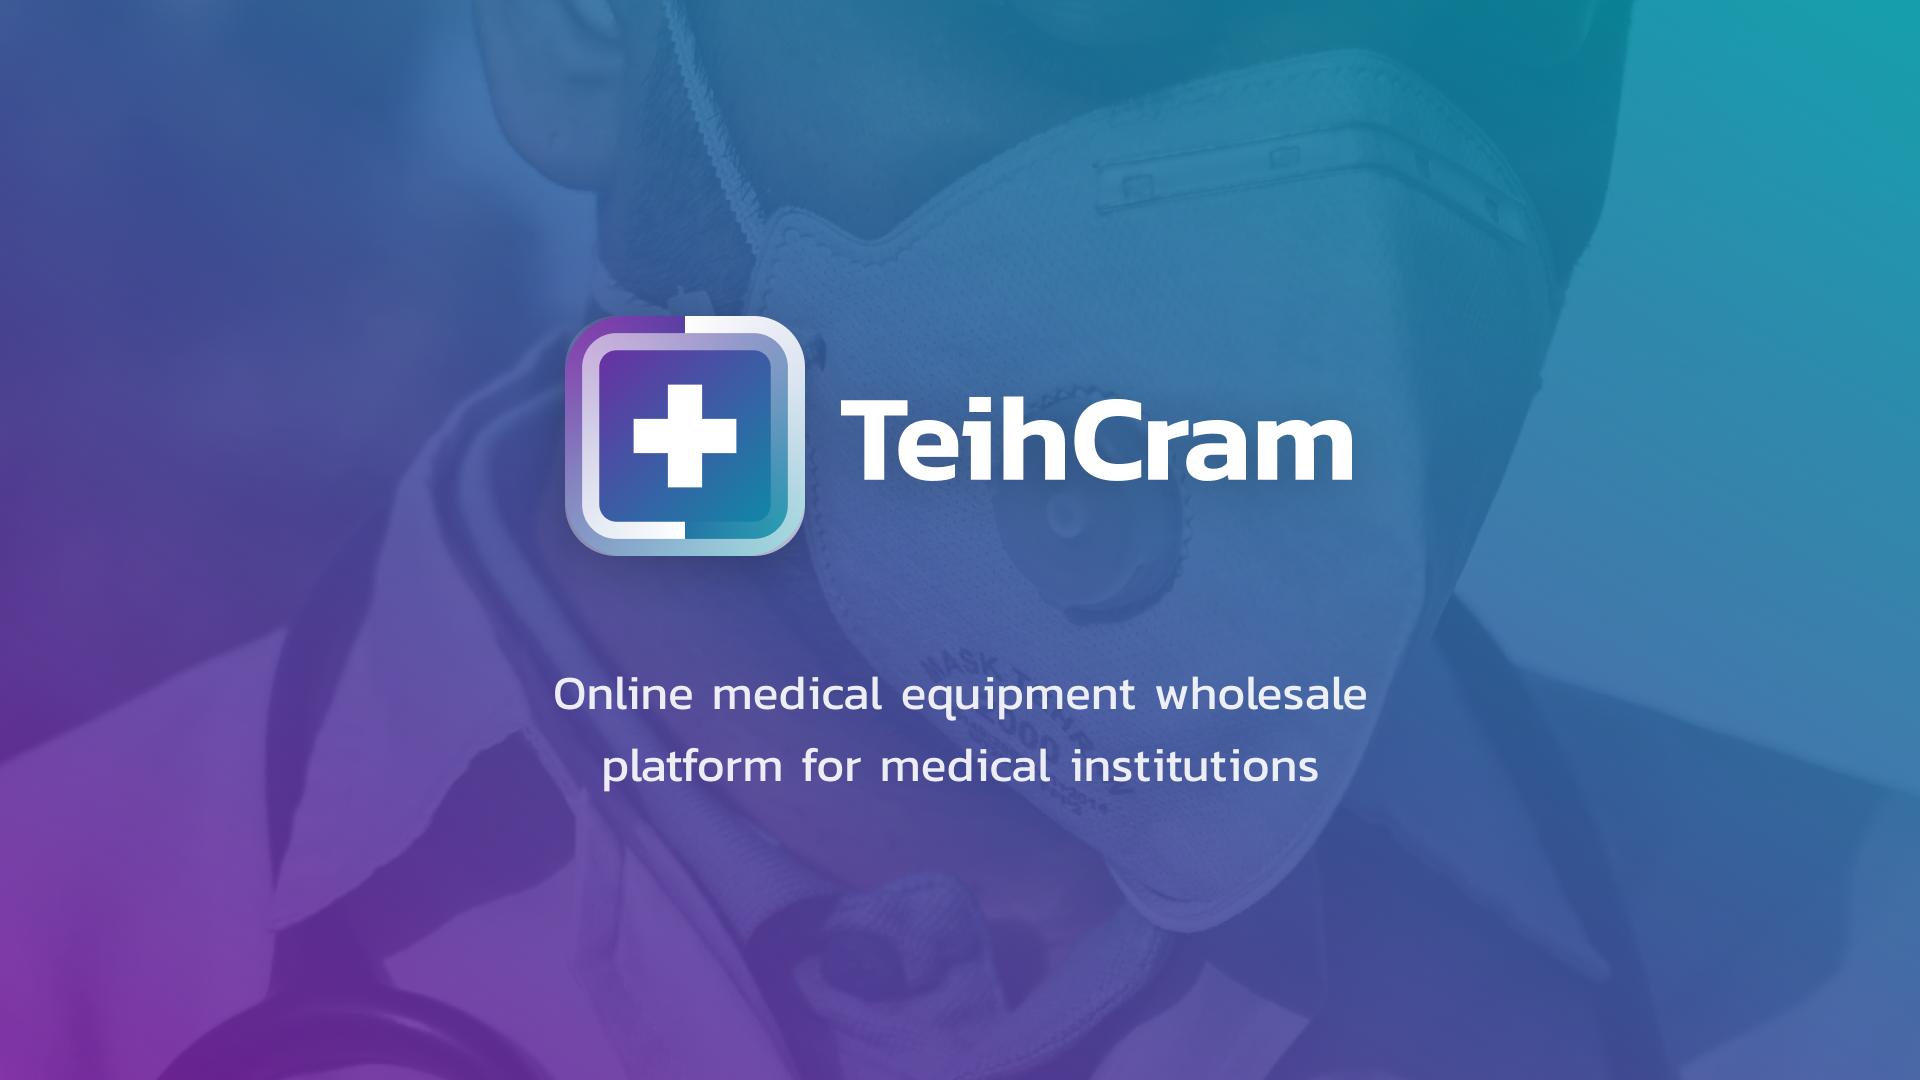 Online wholesale platform Teihcram for medical institutions